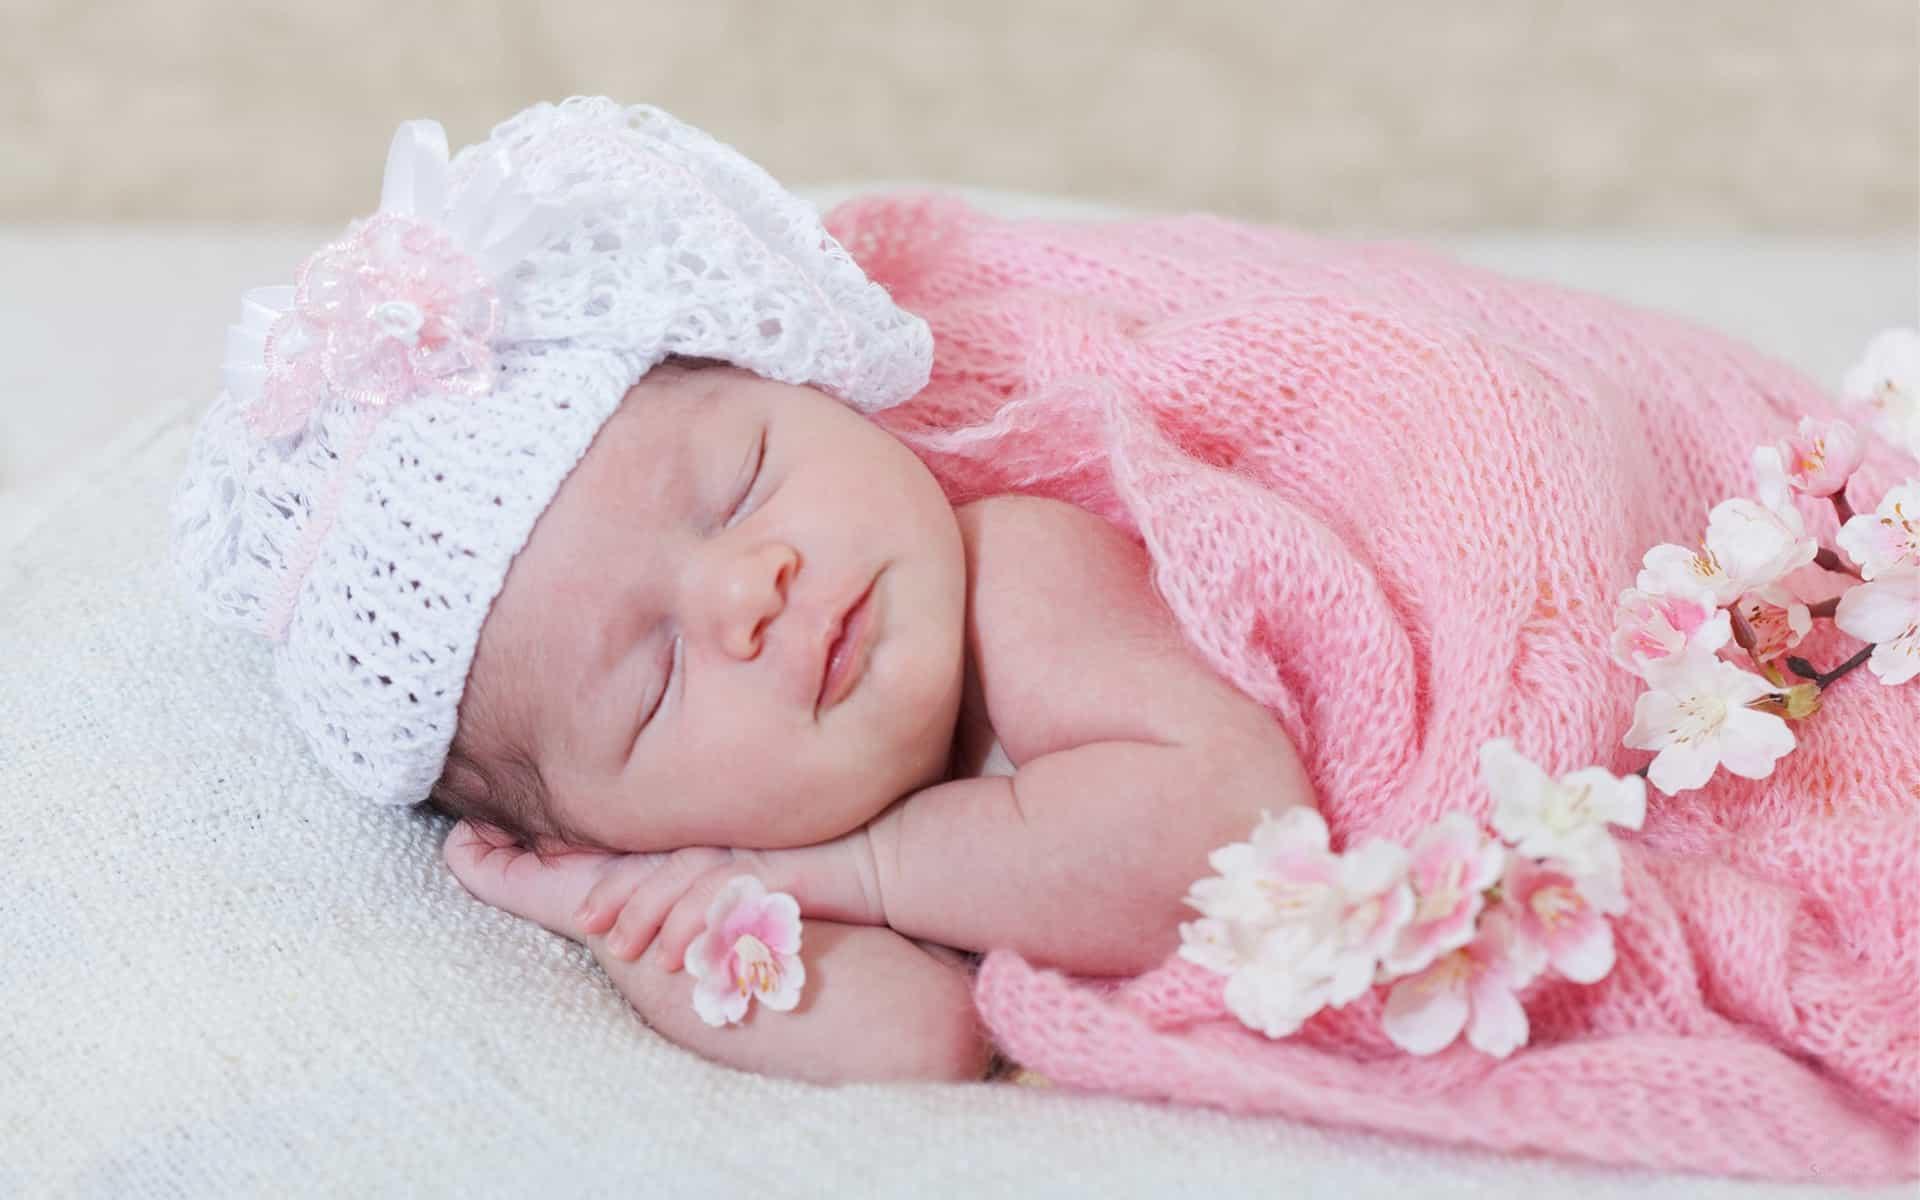 К чему снится свой младенец на руках